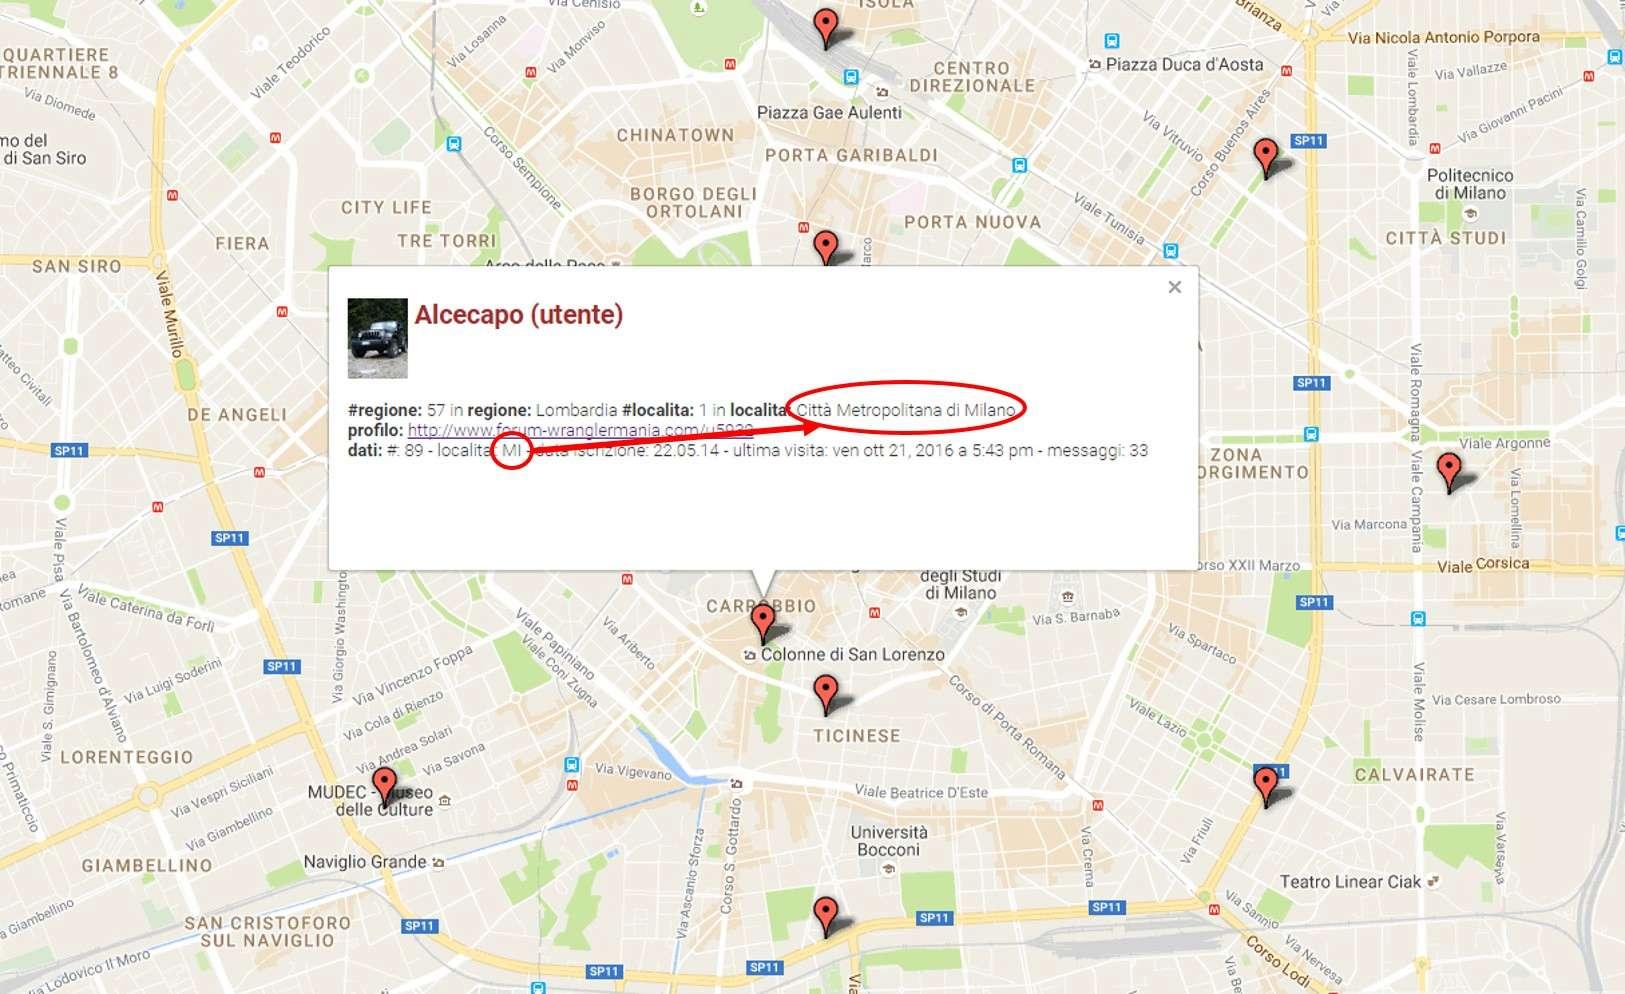 PROFILO e riga Località per consentire visualiz. su mappa utenti Alceca10